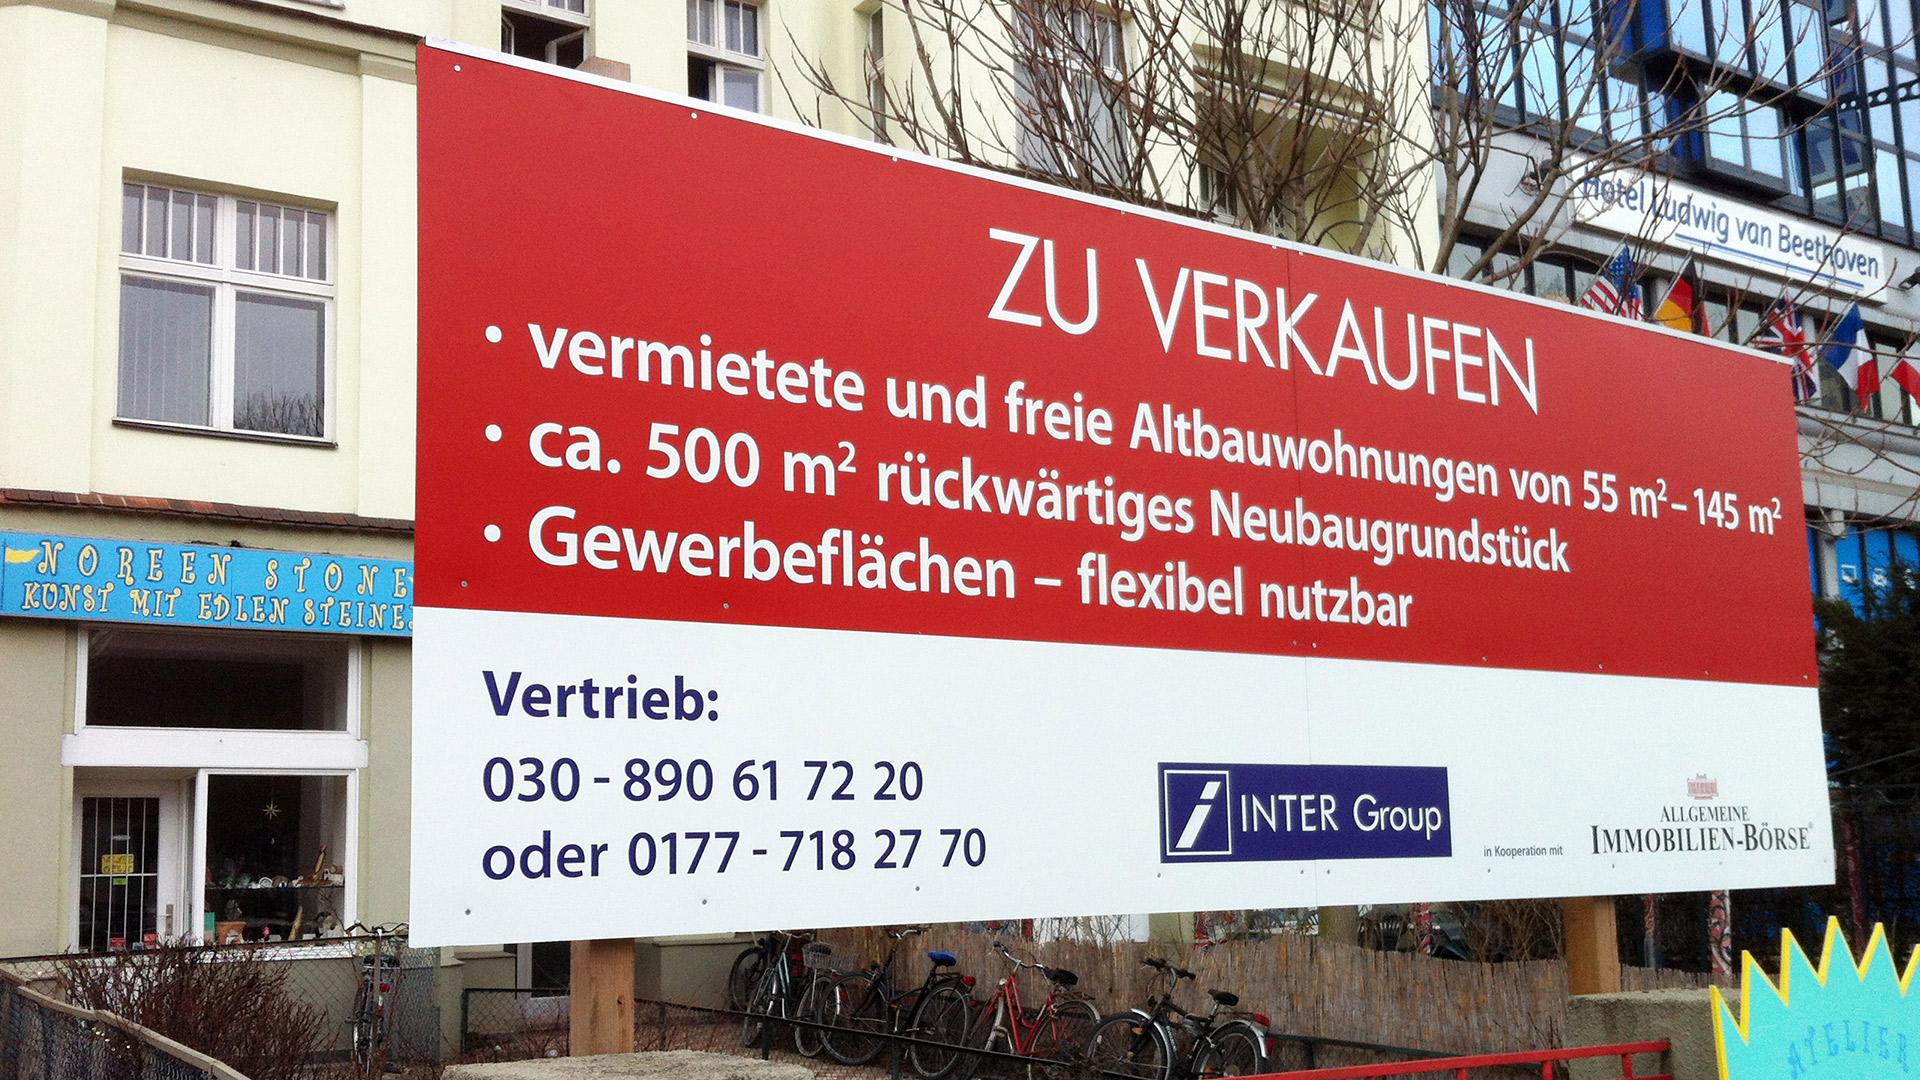 Wohnung-Berlin-Dibondtafel-Matti-Michalke-Berlin-Brandenburg-Aussenwerbung-Innenwerbung-Banner-Planen-Folien-Werbemittel-Druck-Print